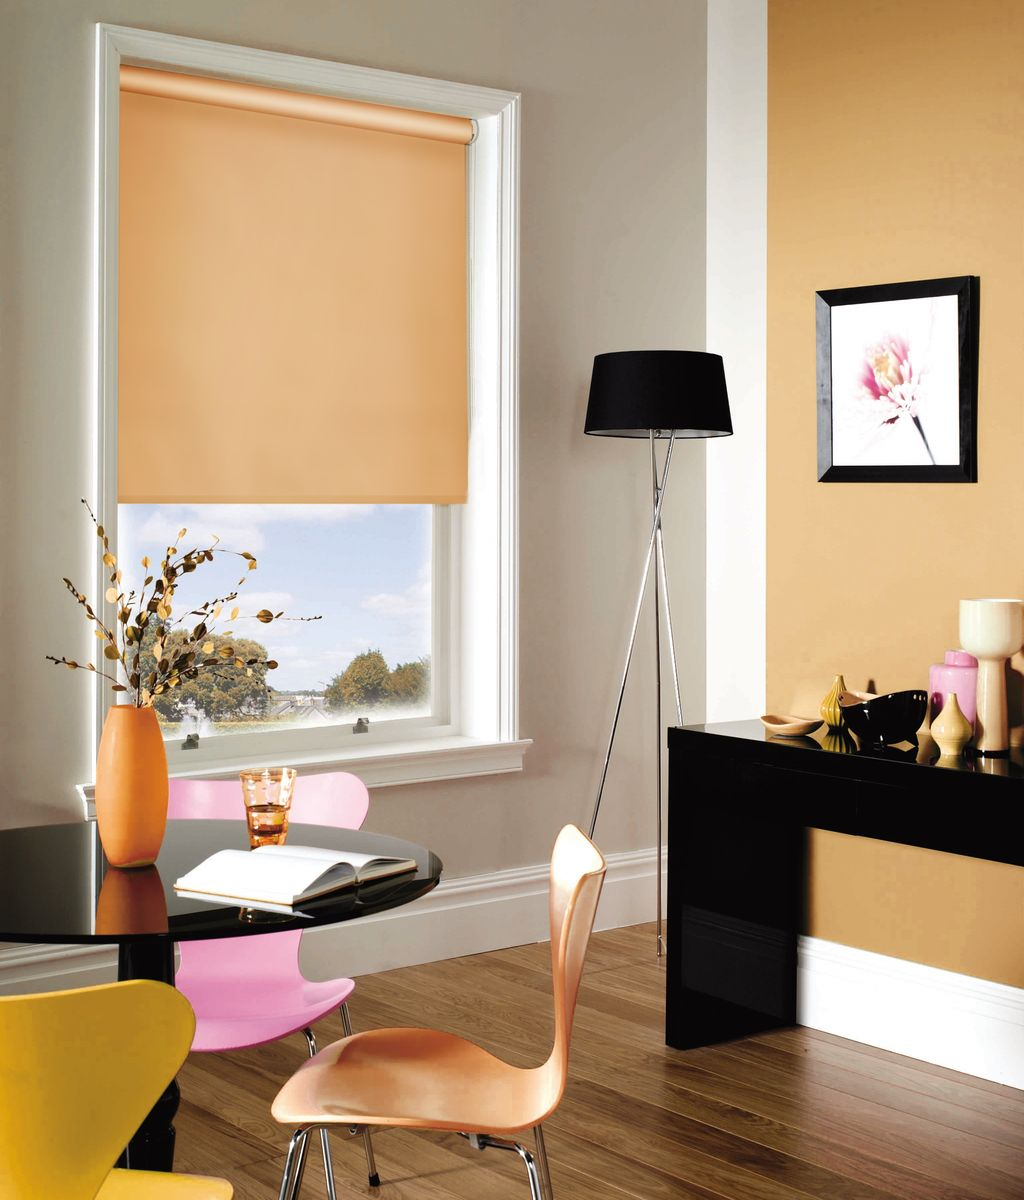 Штора рулонная Эскар Миниролло, цвет: светлый абрикос, ширина 83 см, высота 170 см31012083170Рулонными шторами можно оформлять окна как самостоятельно, так и использовать в комбинации с портьерами. Это поможет предотвратить выгорание дорогой ткани на солнце и соединит функционал рулонных с красотой навесных. Преимущества применения рулонных штор для пластиковых окон: - имеют прекрасный внешний вид: многообразие и фактурность материала изделия отлично смотрятся в любом интерьере;- многофункциональны: есть возможность подобрать шторы способные эффективно защитить комнату от солнца, при этом она не будет слишком темной. - Есть возможность осуществить быстрый монтаж.ВНИМАНИЕ! Размеры ширины изделия указаны по ширине ткани! Во время эксплуатации не рекомендуется полностью разматывать рулон, чтобы не оторвать ткань от намоточного вала. В случае загрязнения поверхности ткани, чистку шторы проводят одним из способов, в зависимости от типа загрязнения:легкое поверхностное загрязнение можно удалить при помощи канцелярского ластика;чистка от пыли производится сухим методом при помощи пылесоса с мягкой щеткой-насадкой;для удаления пятна используйте мягкую губку с пенообразующим неагрессивным моющим средством или пятновыводитель на натуральной основе (нельзя применять растворители).